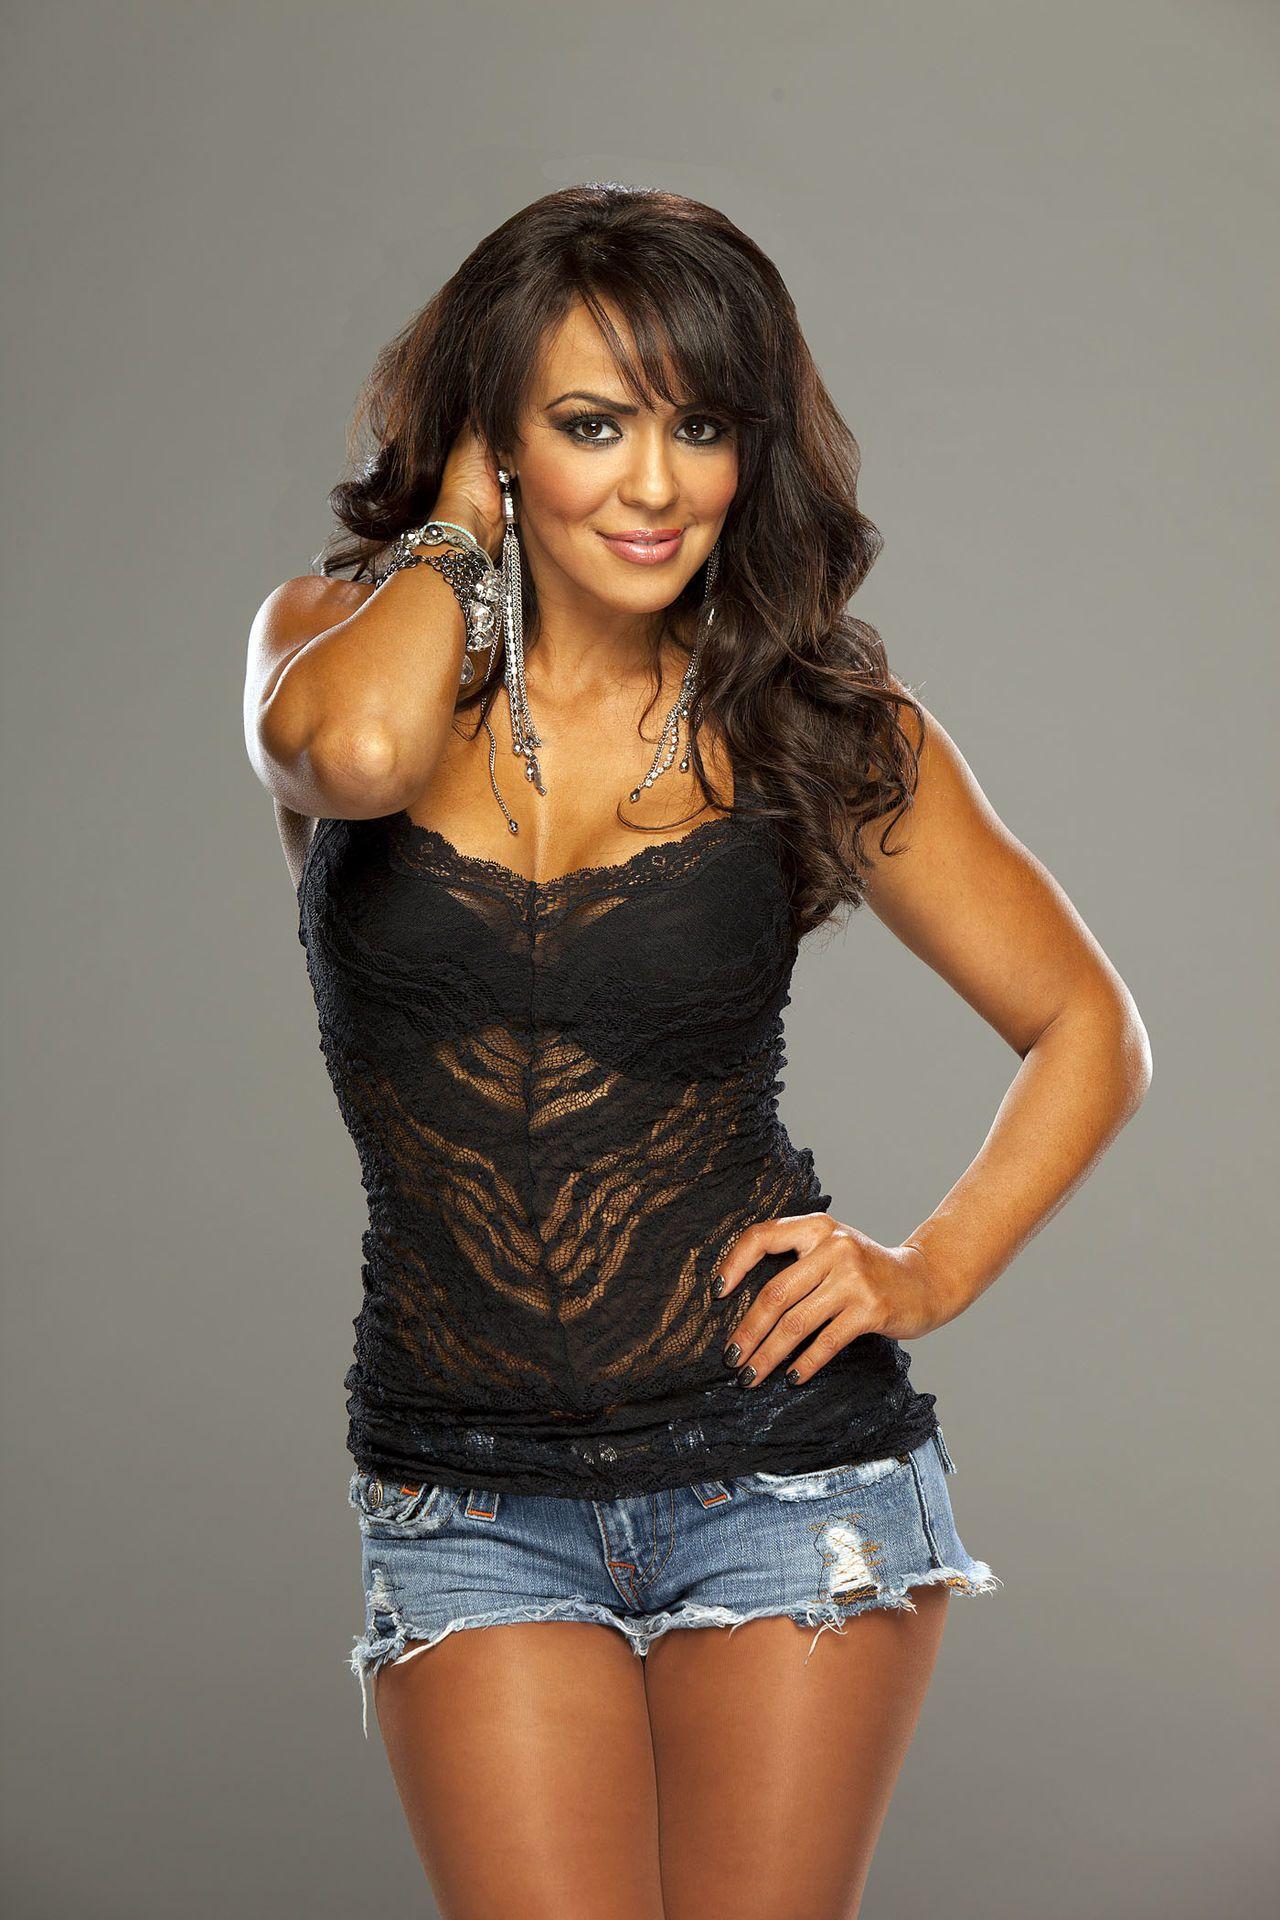 Layla el tape wwe sex